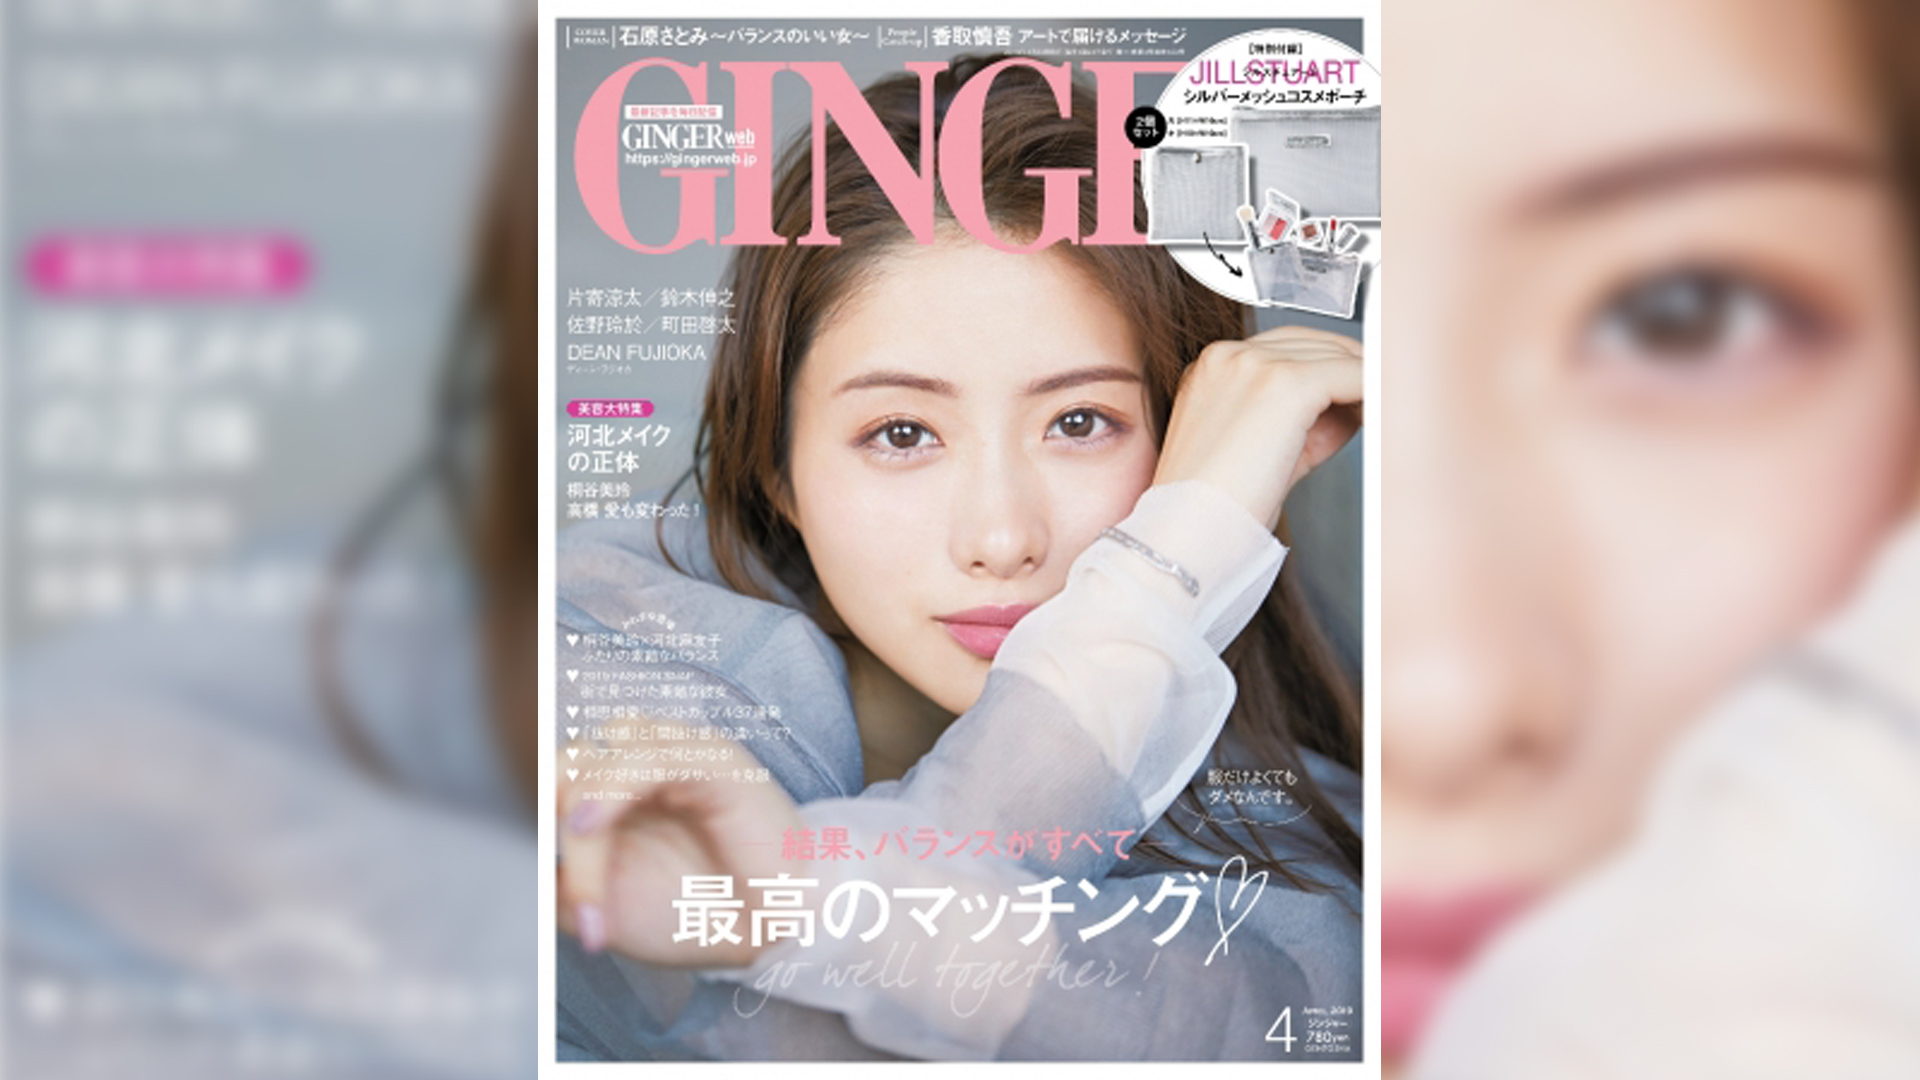 【GINGER 4月号「最高のマッチング♡」特集】他、新着トレンド2月25日